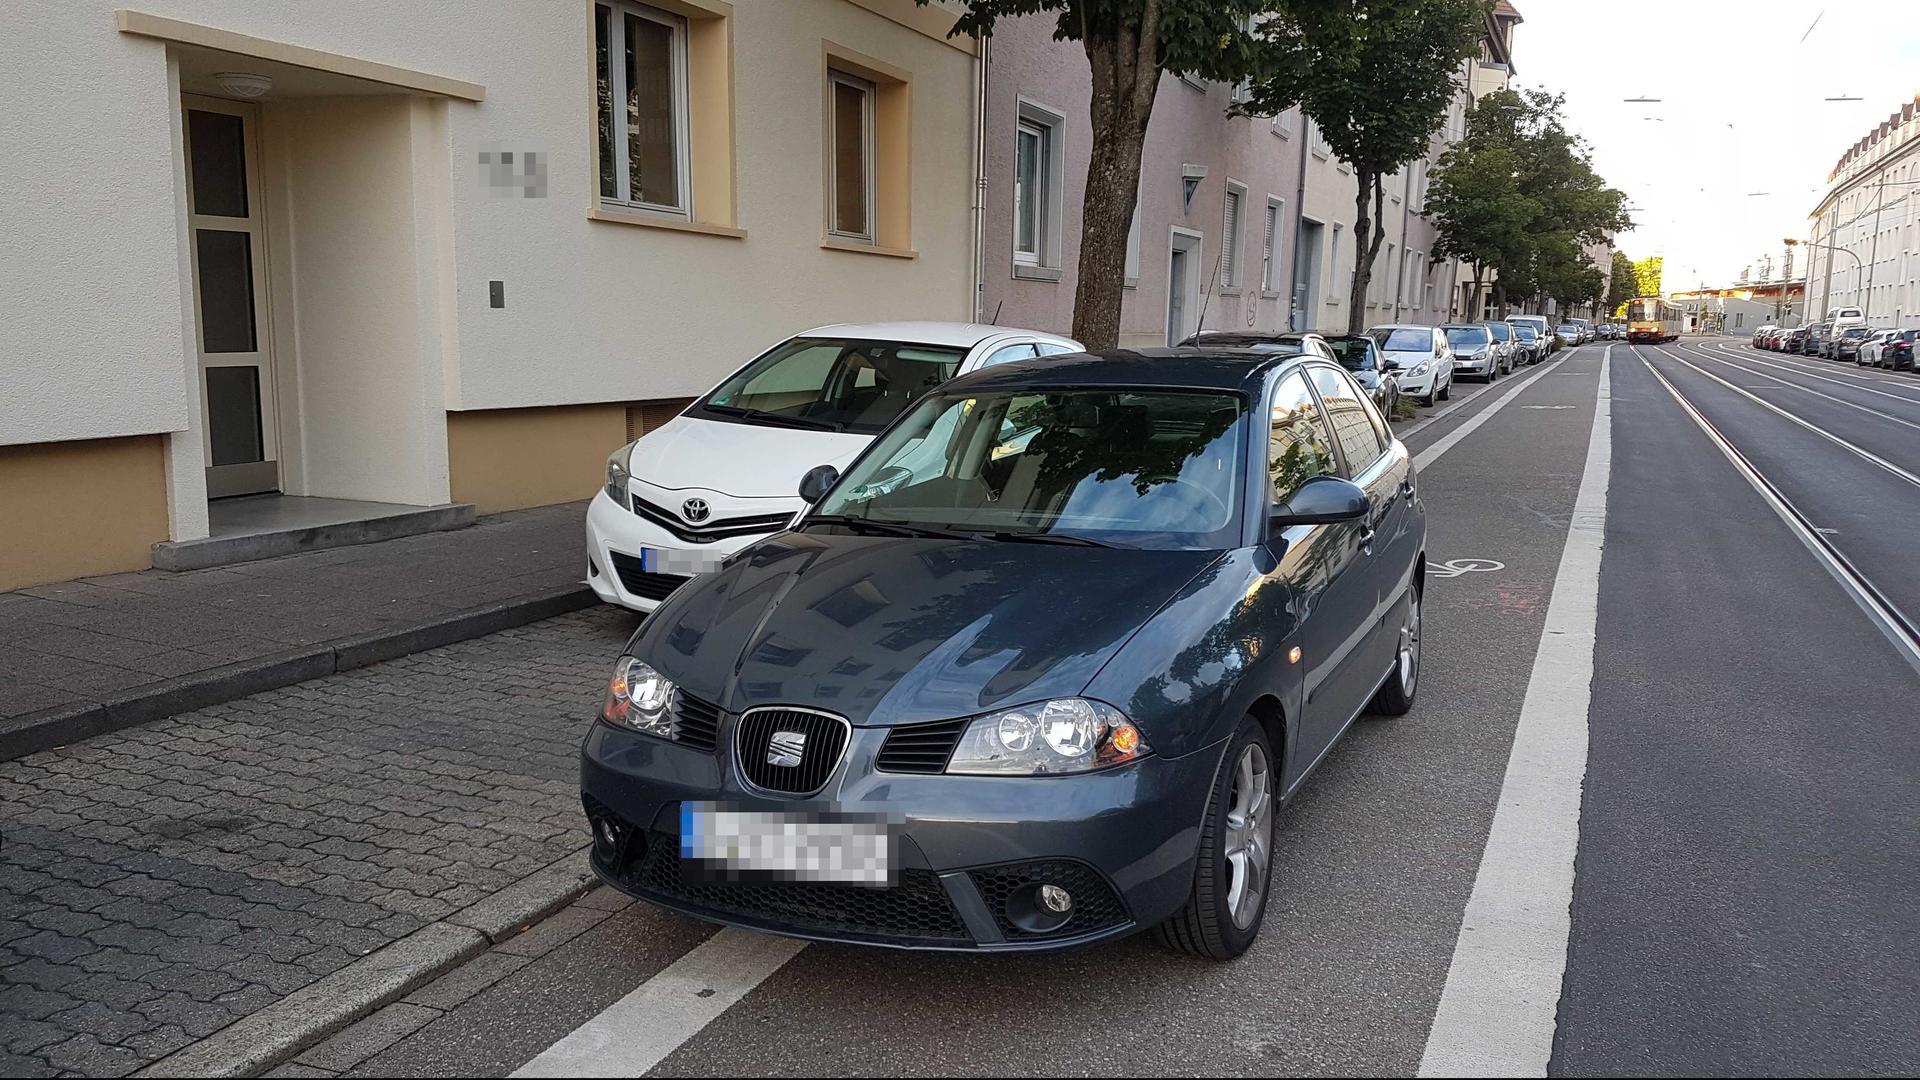 Der Fahrer dieses Autos muss befürchten, es bei seiner Rückkehr nicht wiederzufinden. Nach den Richtlinien der Stadt Karlsruhe könnte es abgeschleppt werden.